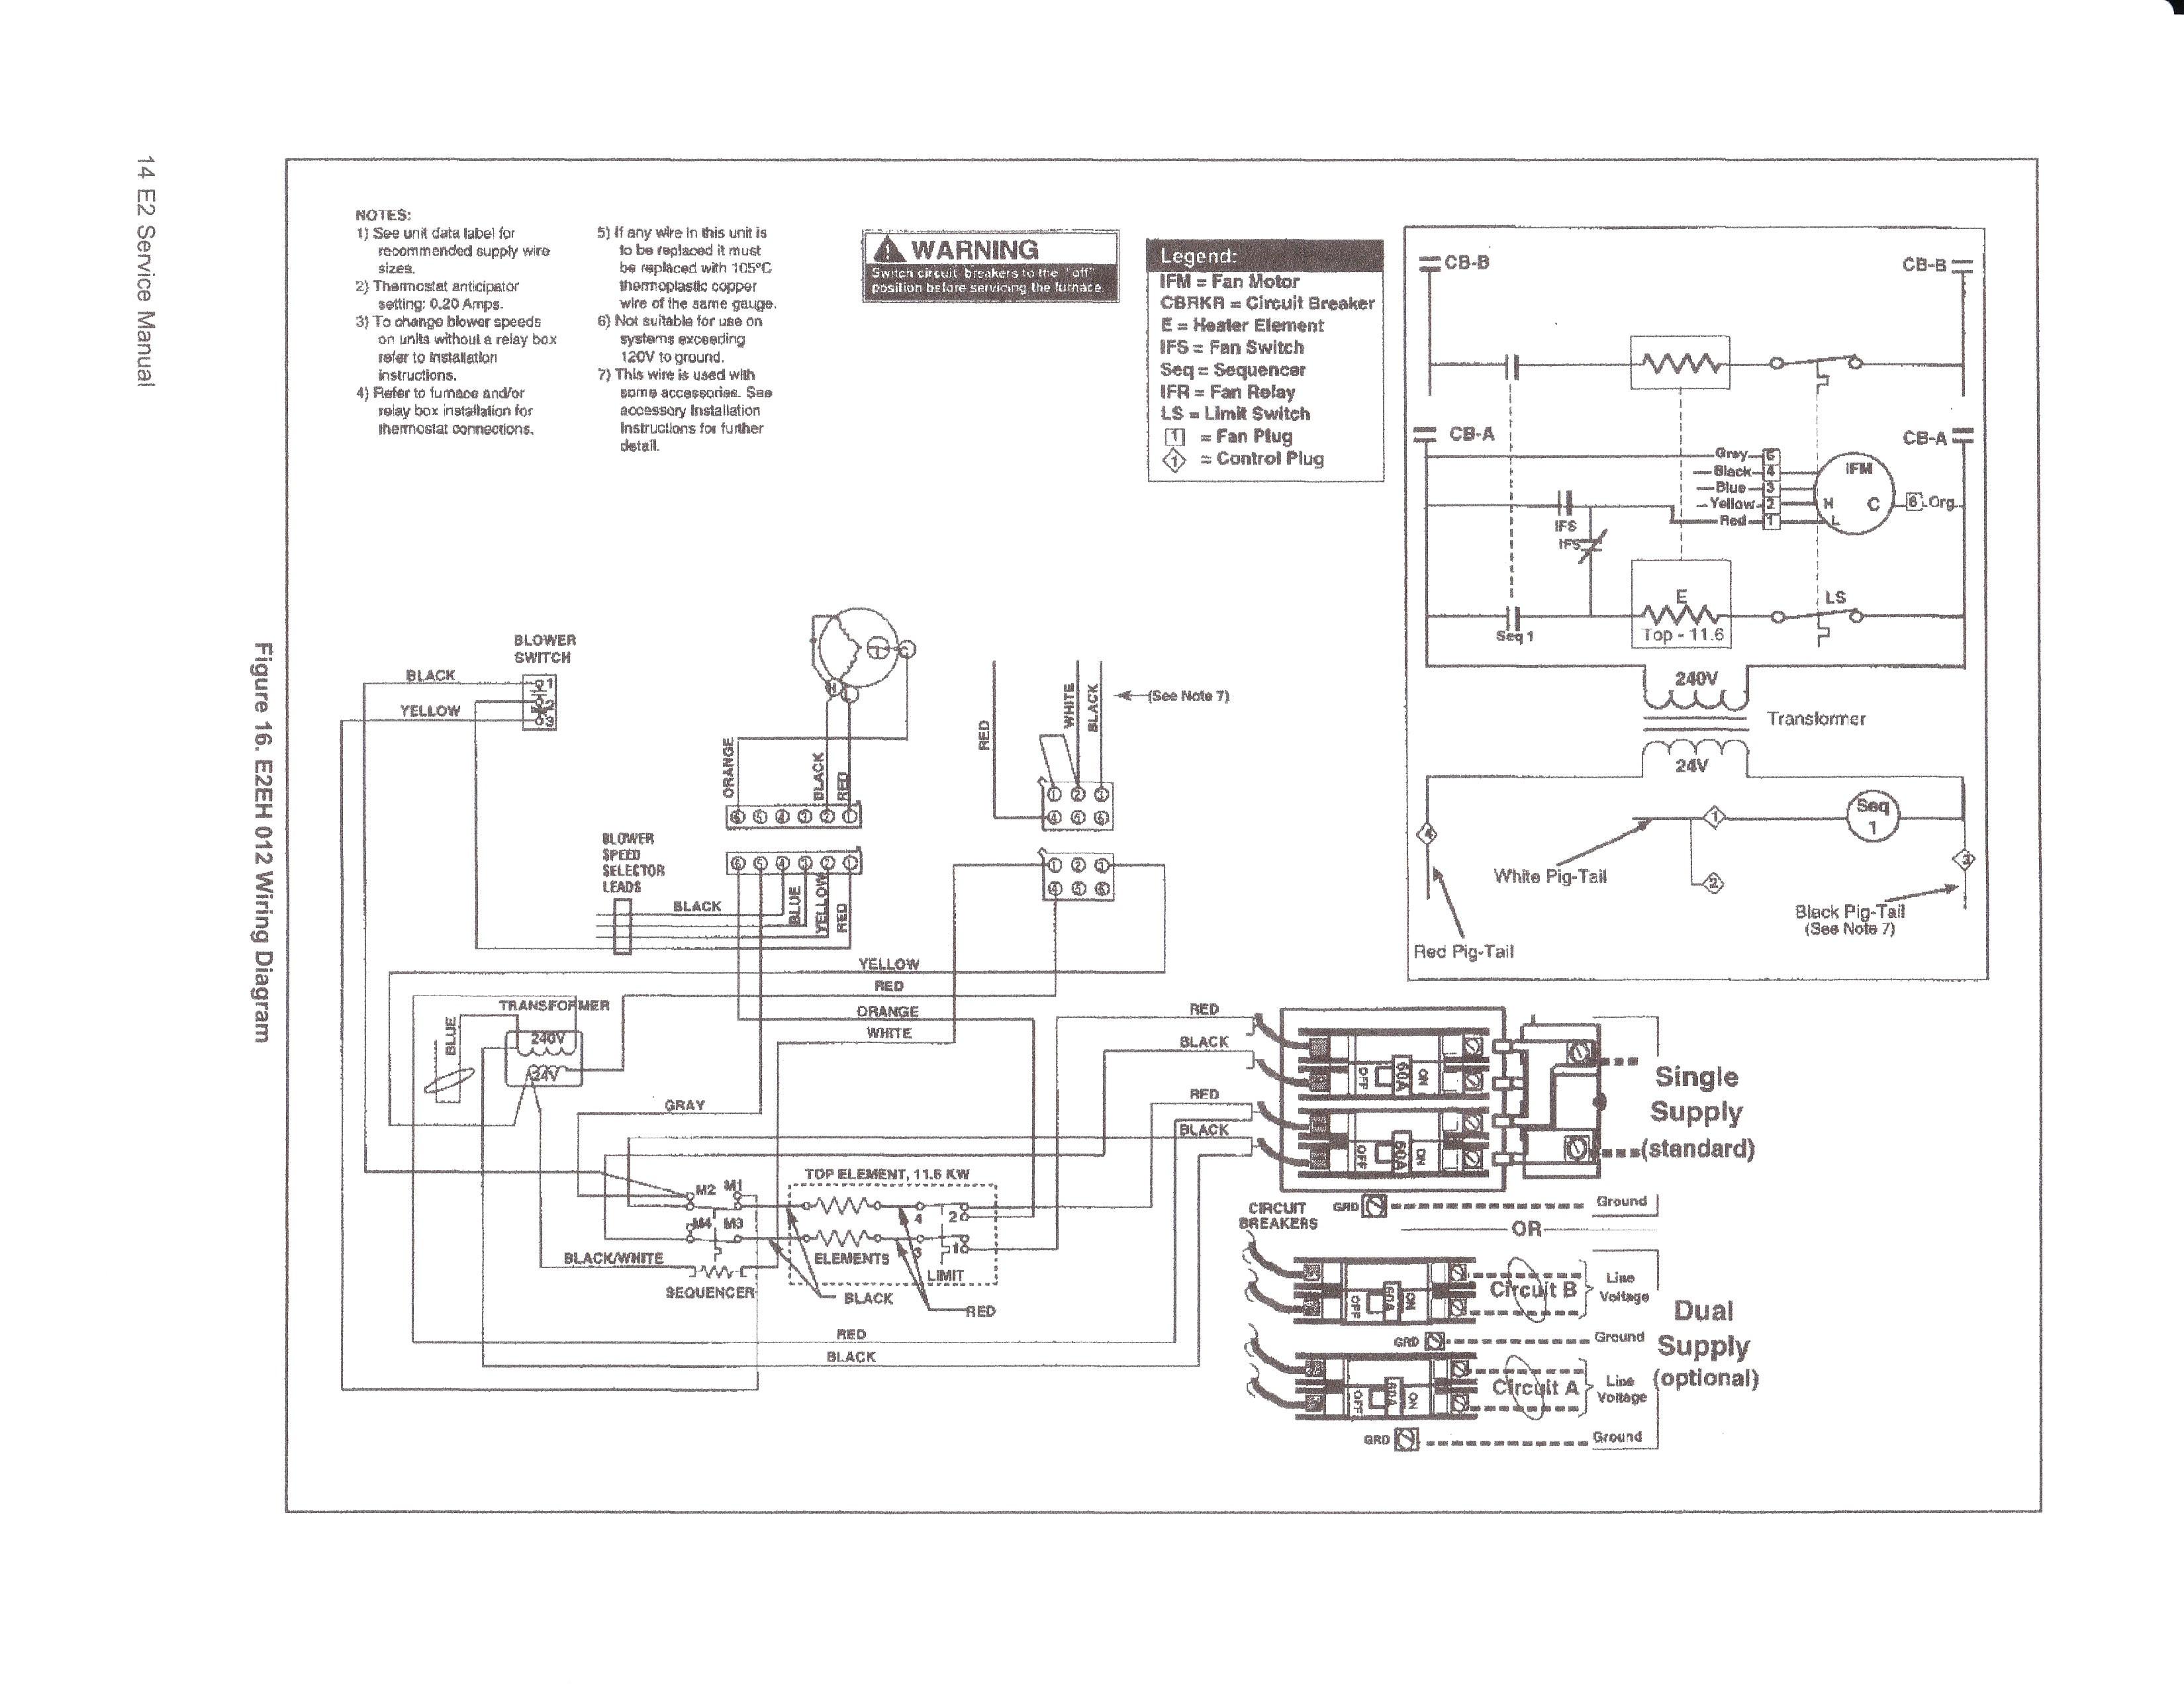 Wiring Diagram Intertherm E2eb 012ha Mobile Home Bright 4 Wire For 20